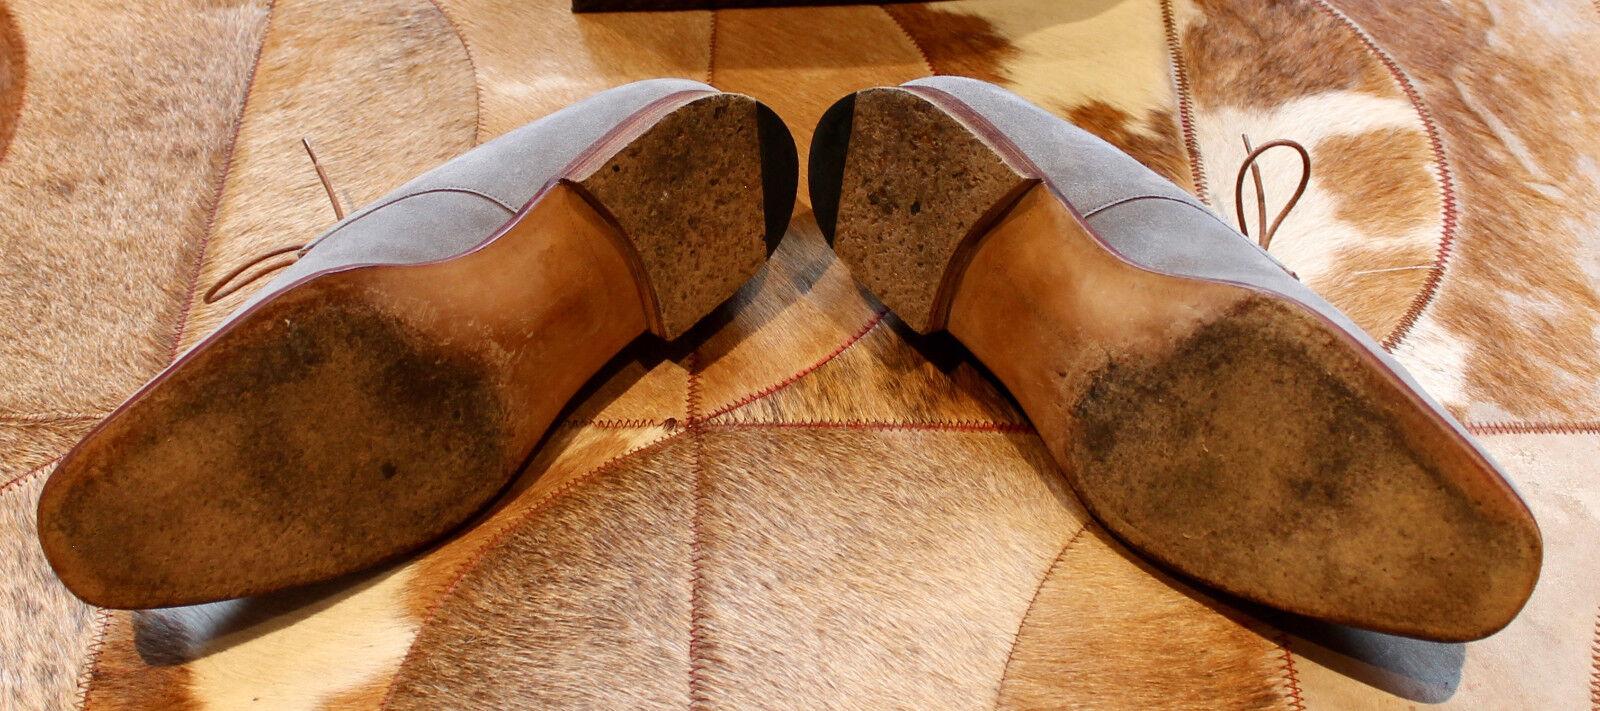 Edward Grün - Flannel grau Suede schuhe - Größe Größe Größe 8.5   9 E - Excellent    578039